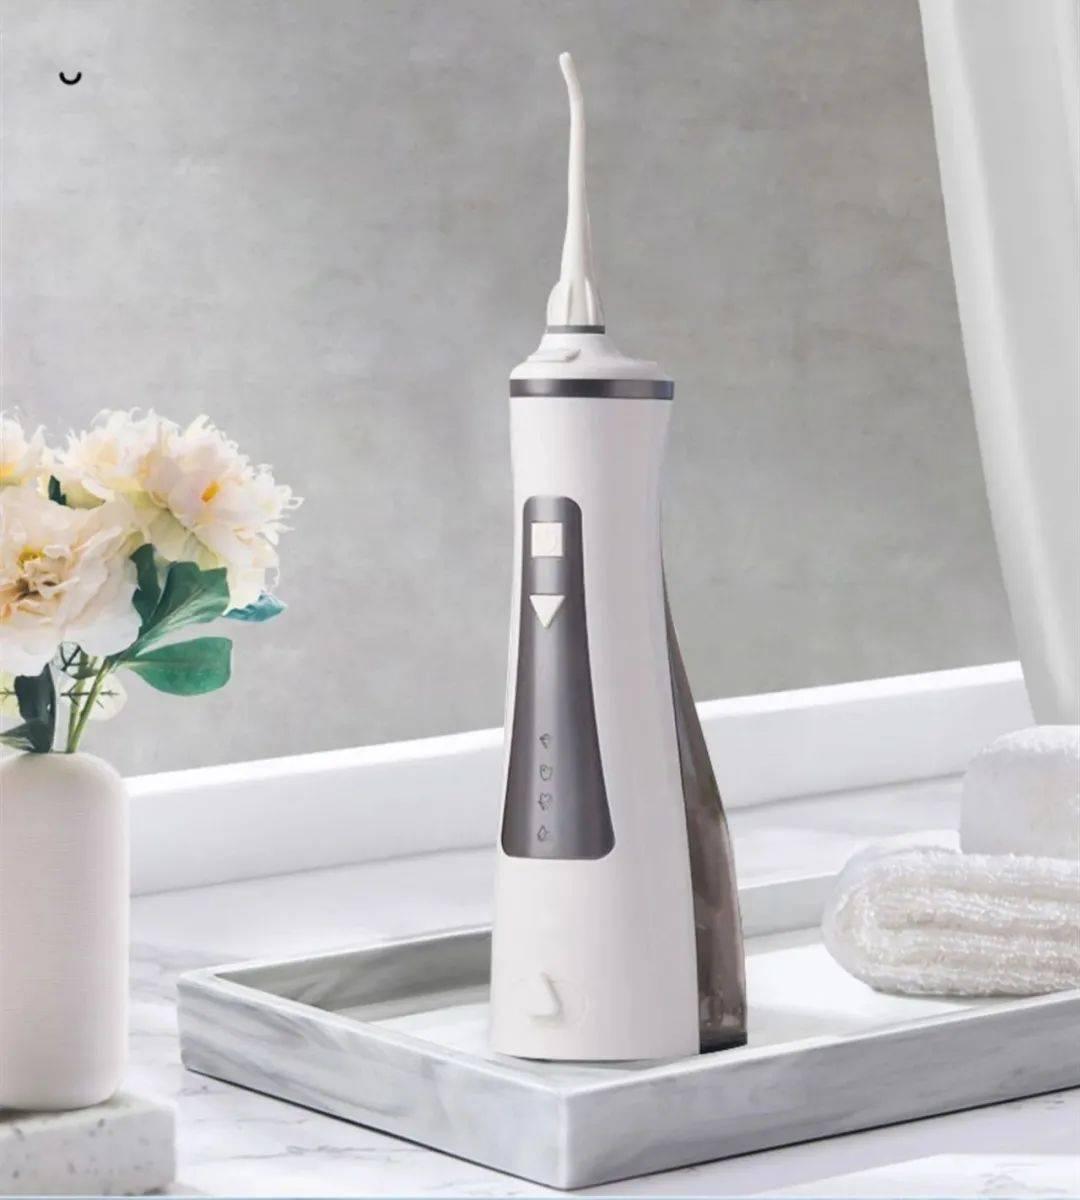 专为亚洲人设计,更专业的冲牙器,60秒冲出牙缝间残渣。_牙齿